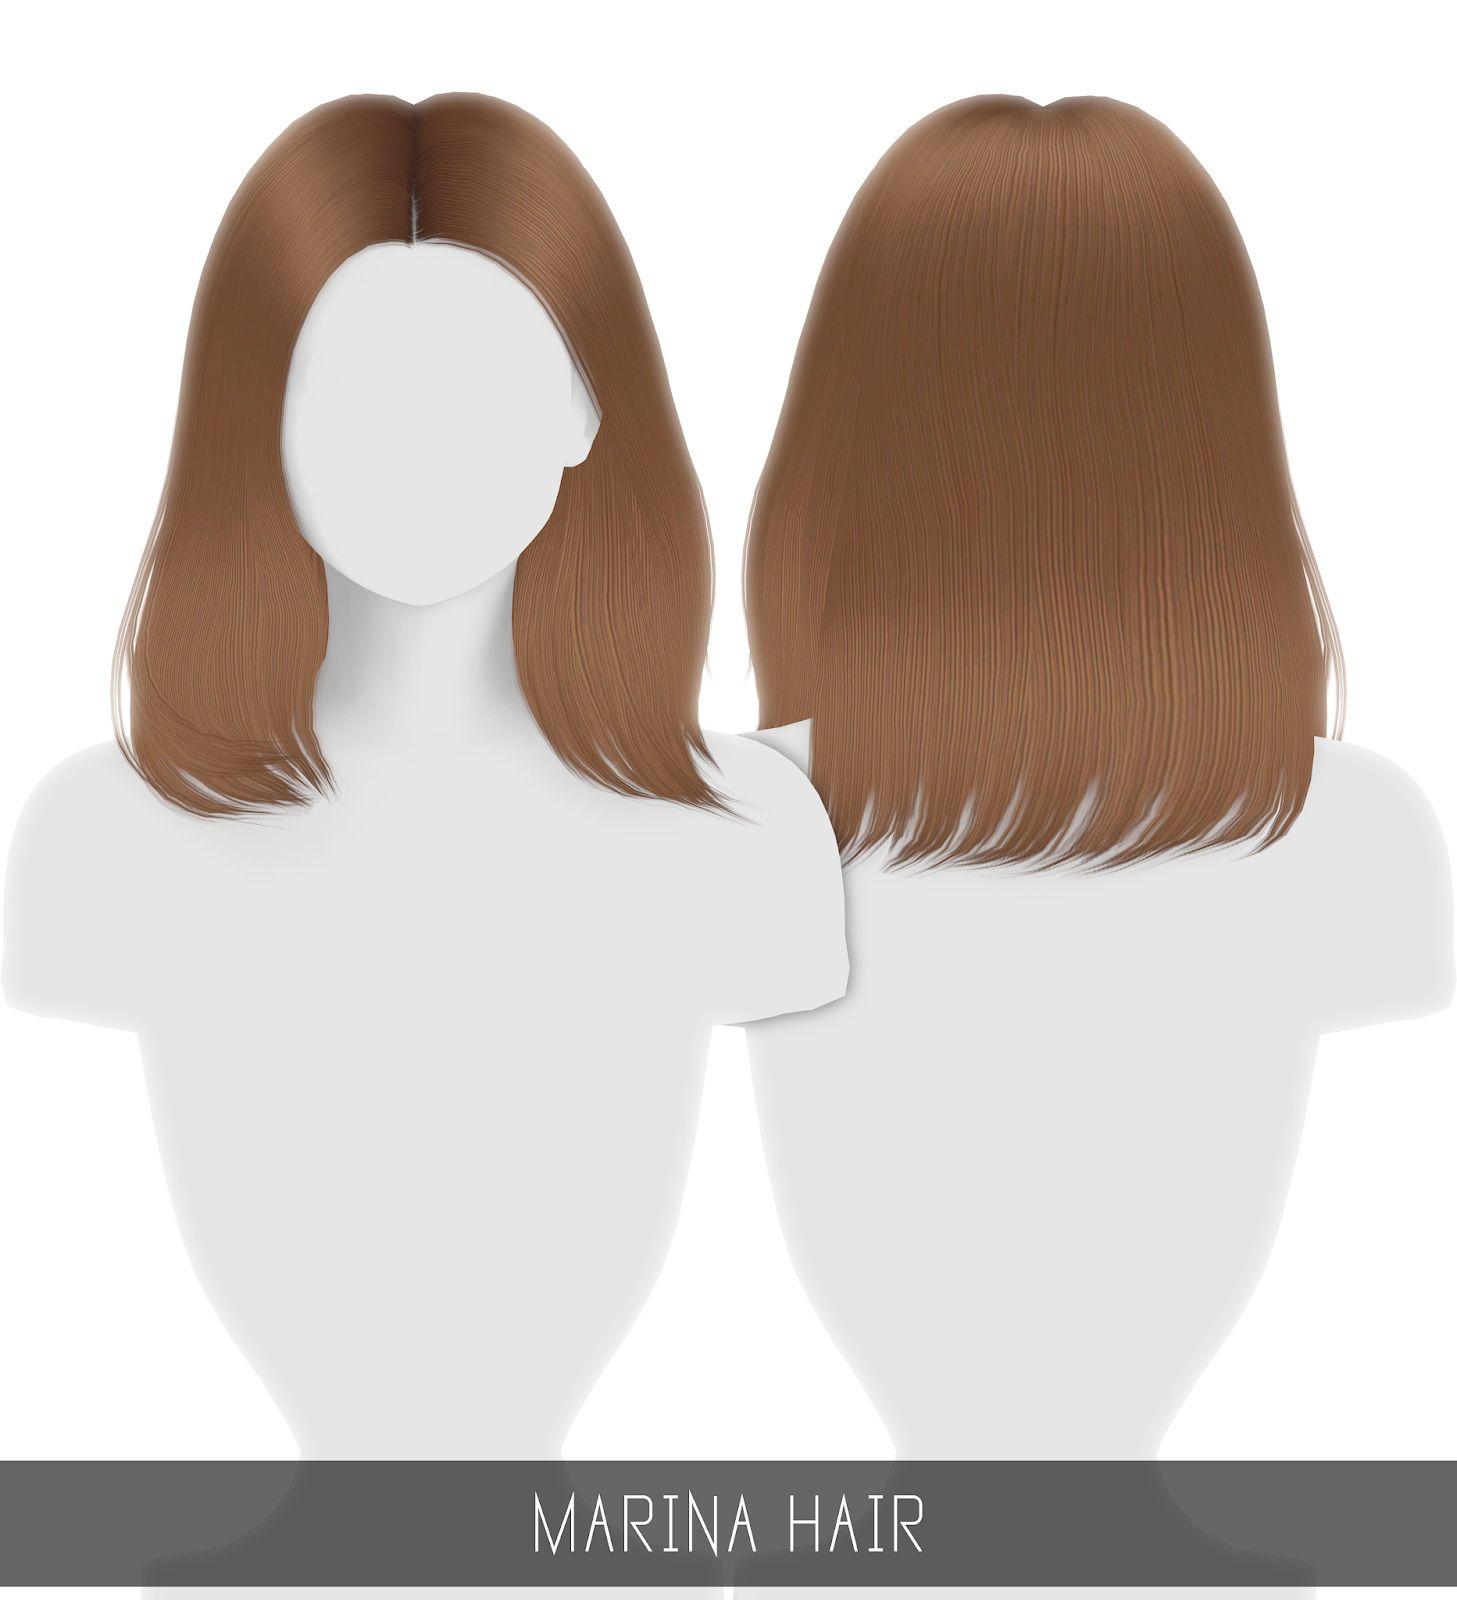 Simpliciaty Maria Hair Sims 4 Hairs Sims 4 Sims Hair